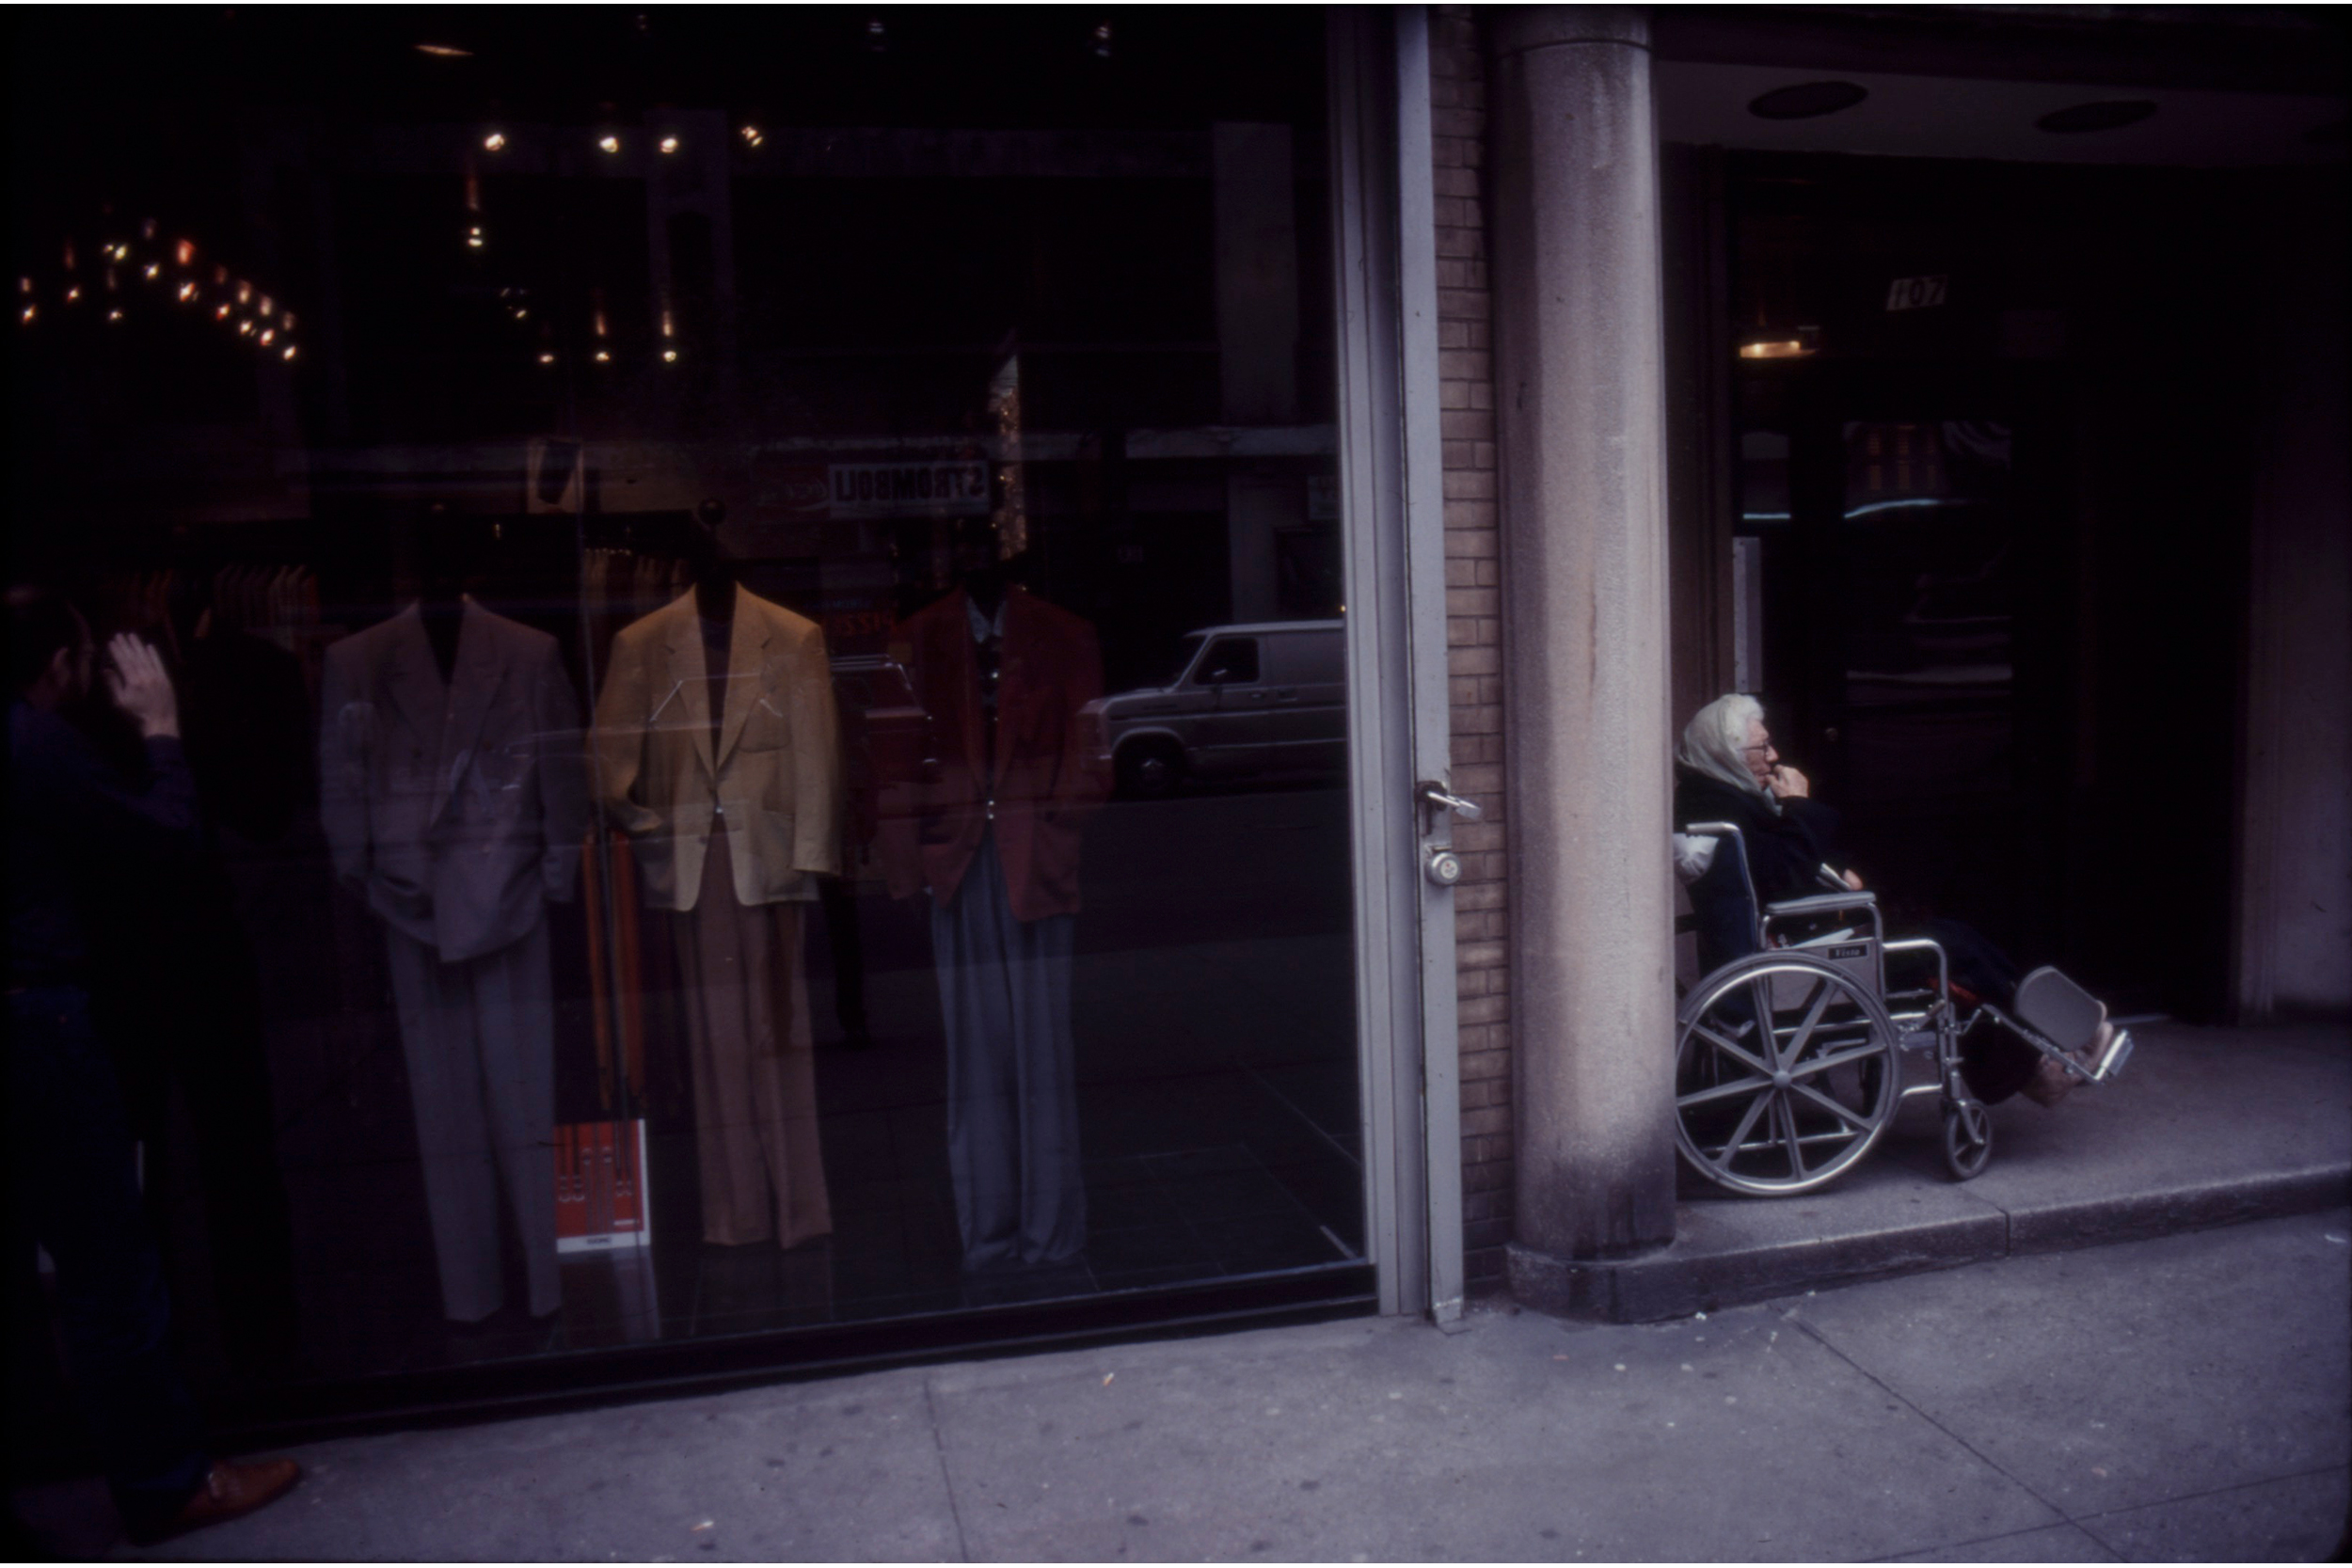 University Place, April 1990